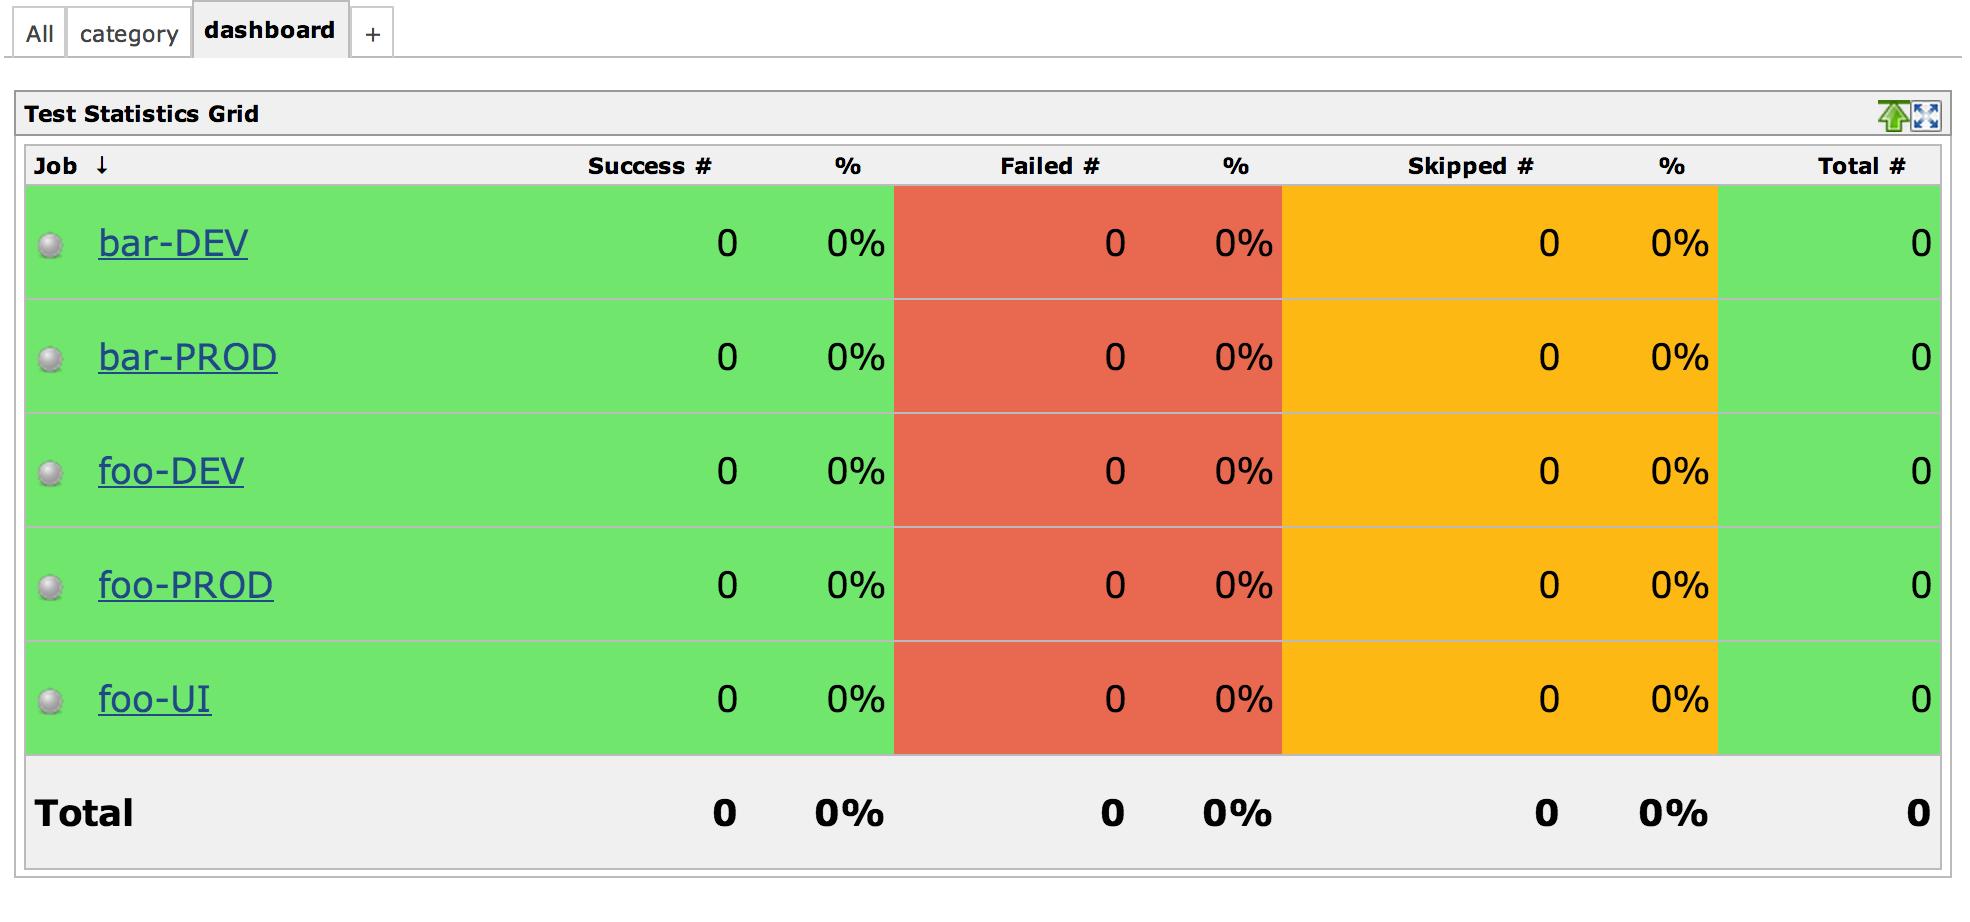 JENKINS-20570] Test Statistics Grid support for